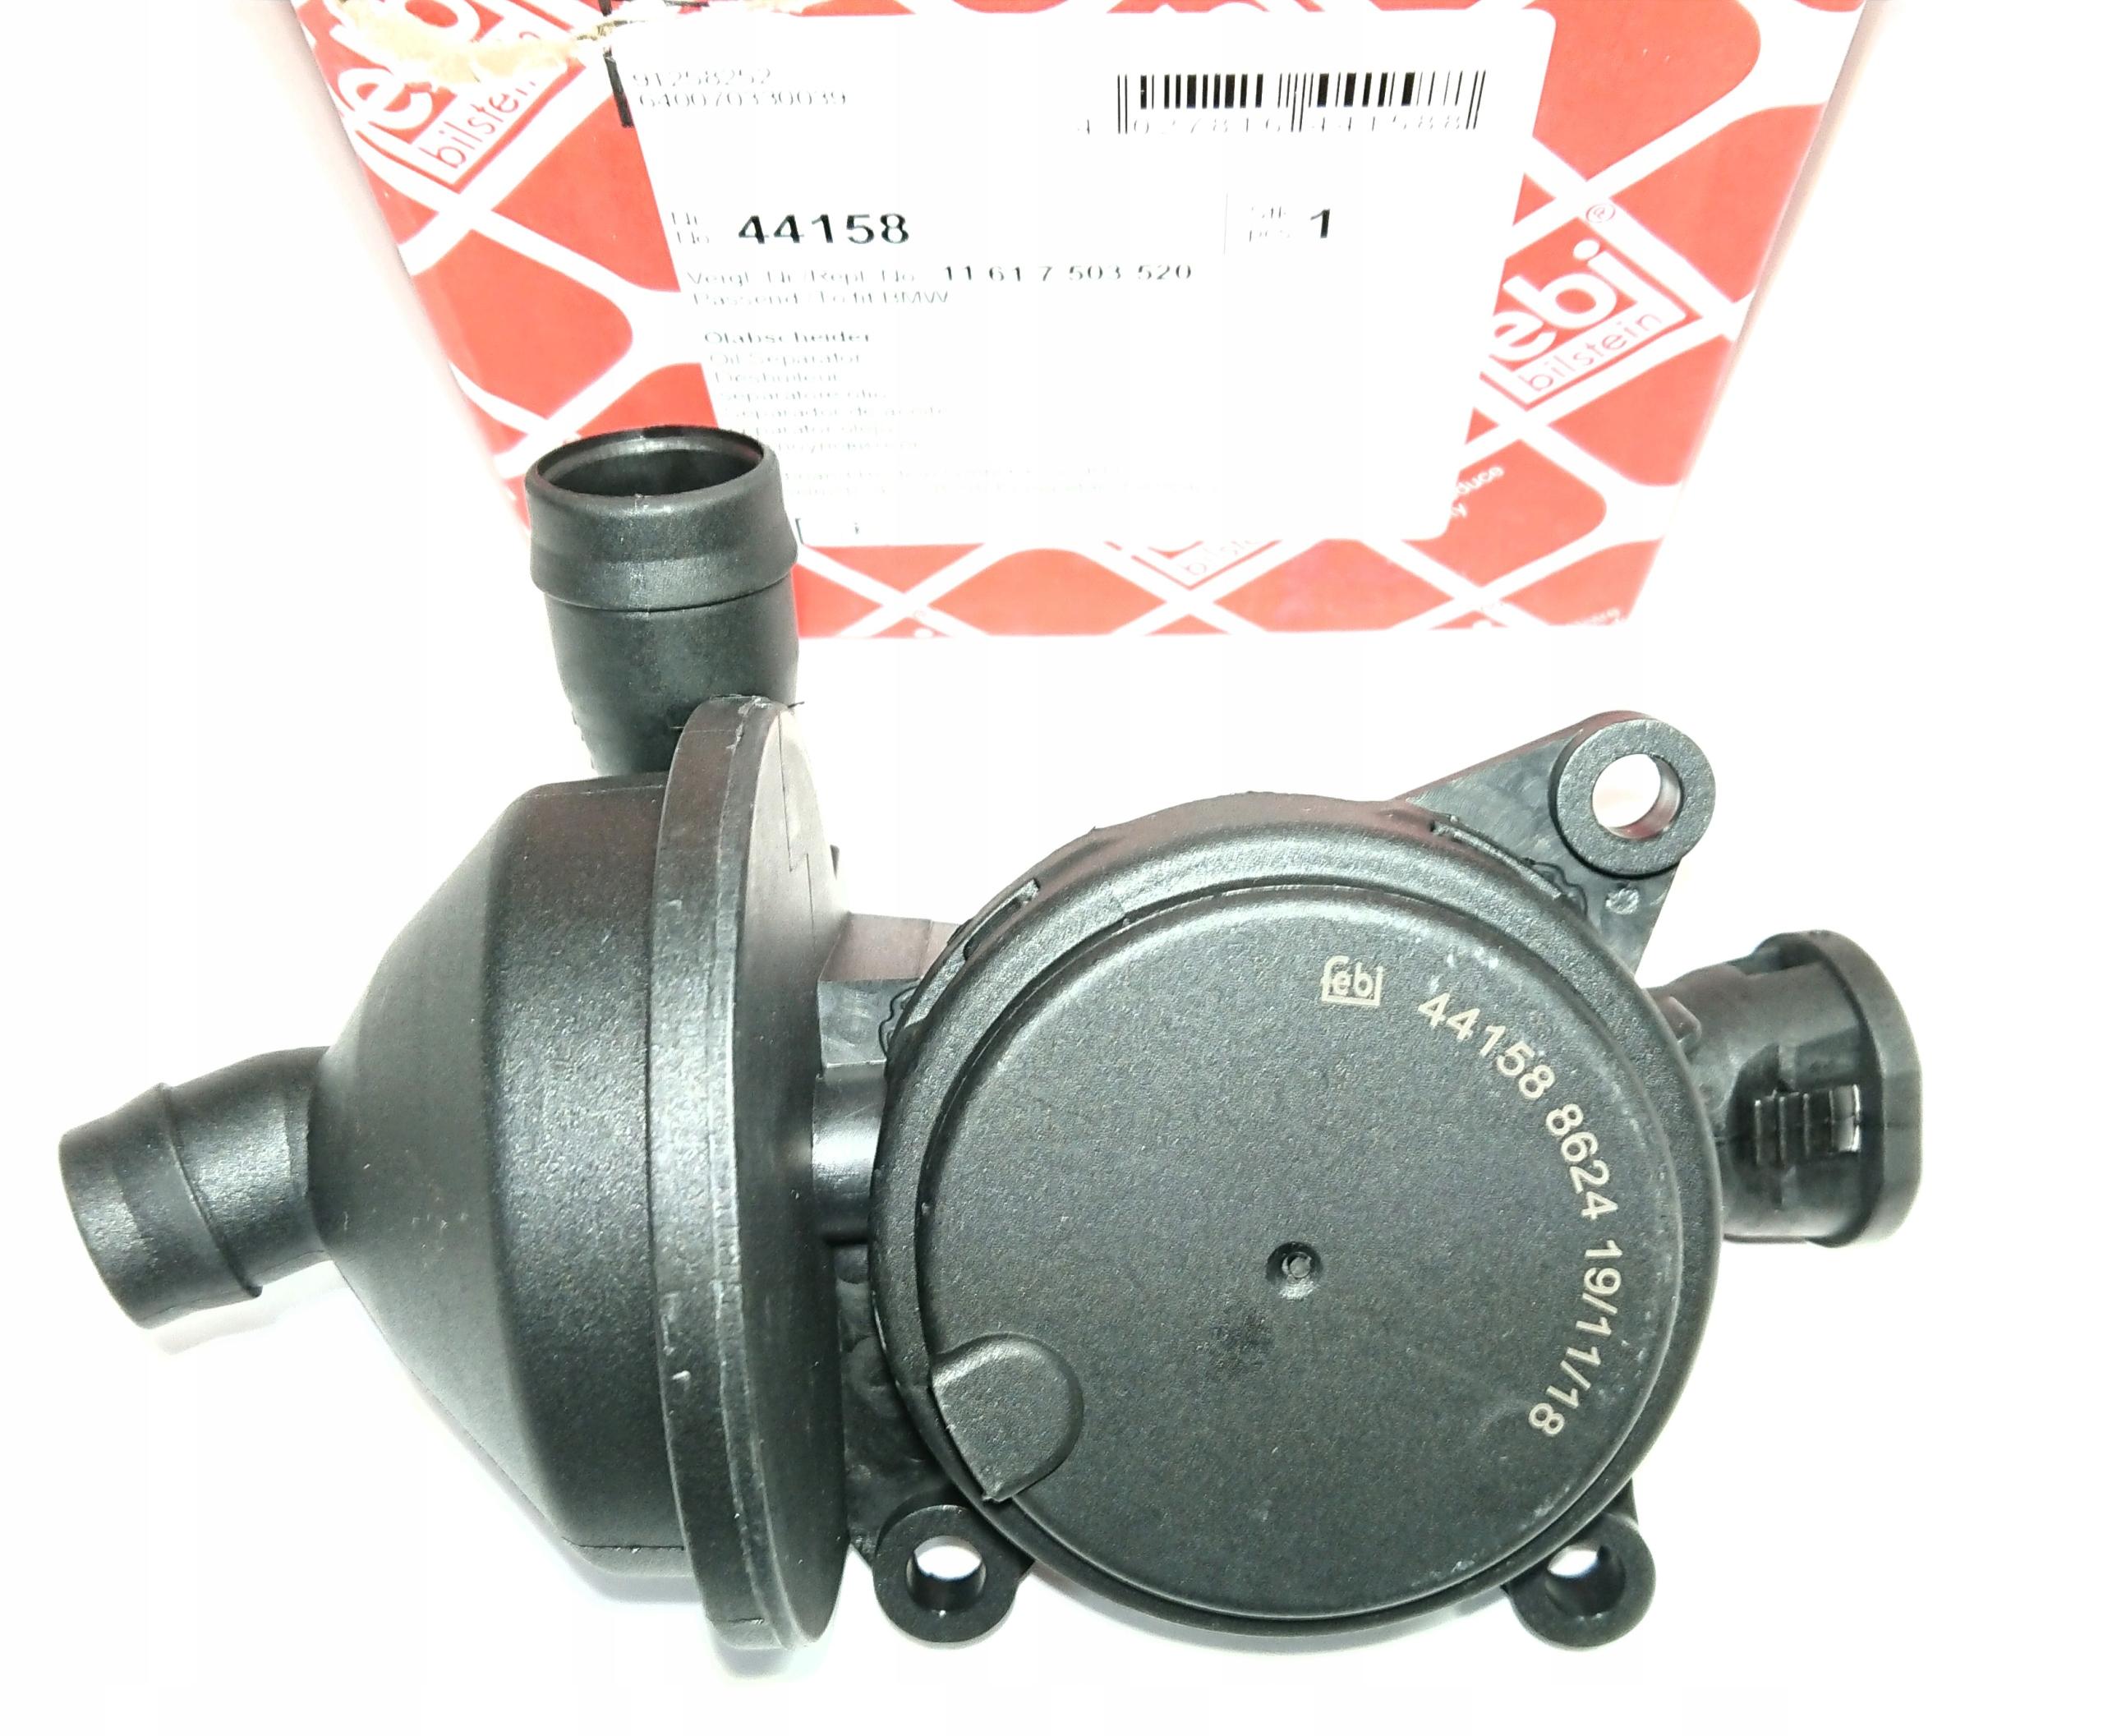 11617503520 нельзя двигателя bmw e46 n42 n46 e90 318i